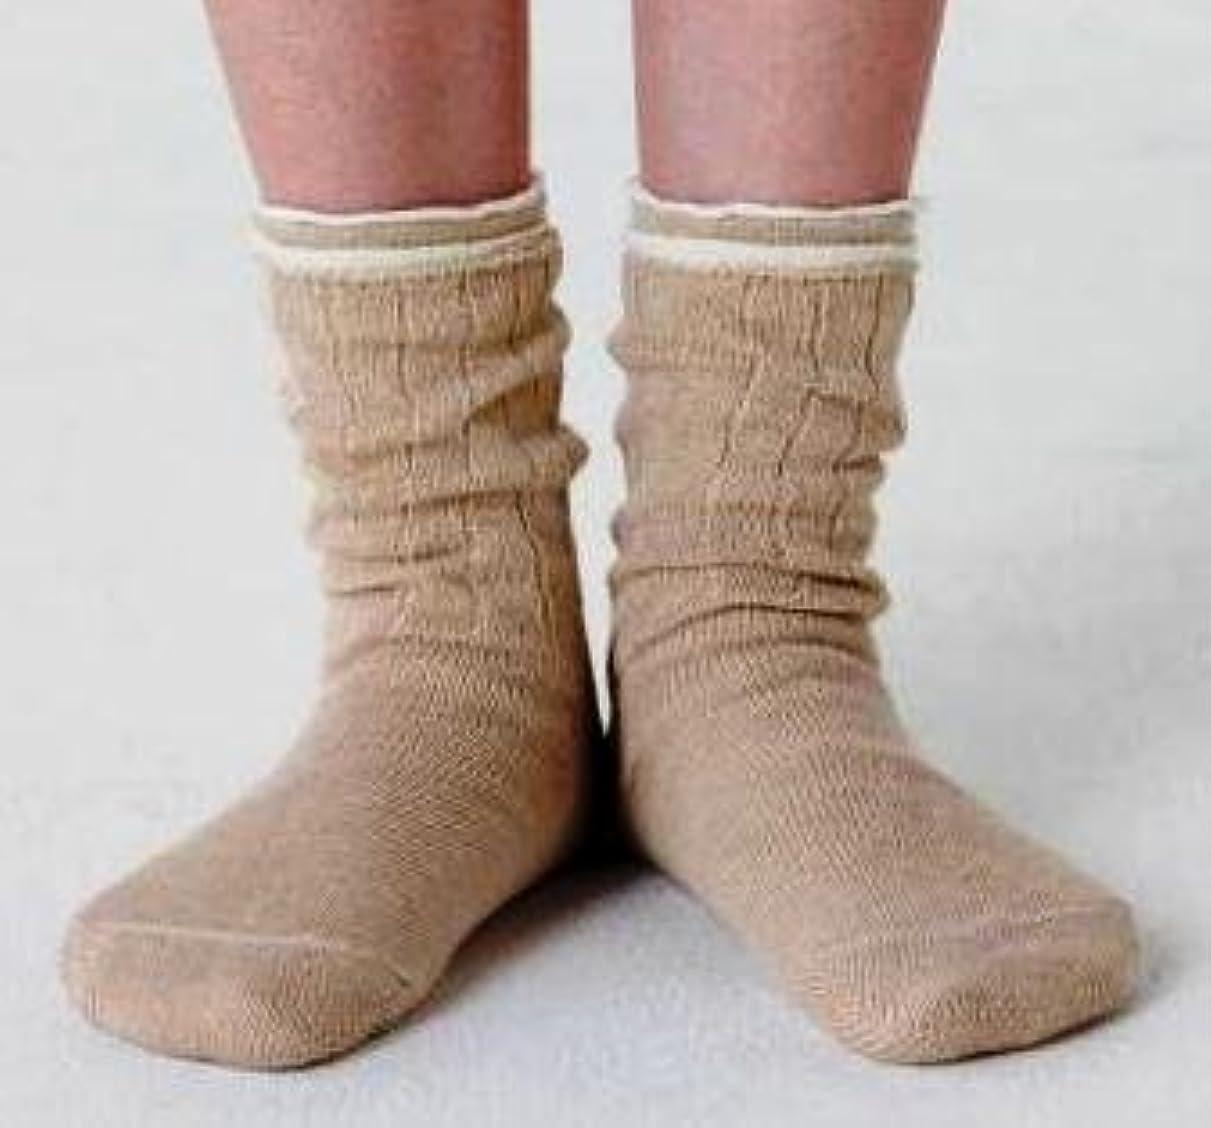 糞ばかげたリーチ冷え取り靴下 4枚重ね履きソックス(絹?綿?絹?綿) Lサイズ:25~27cm